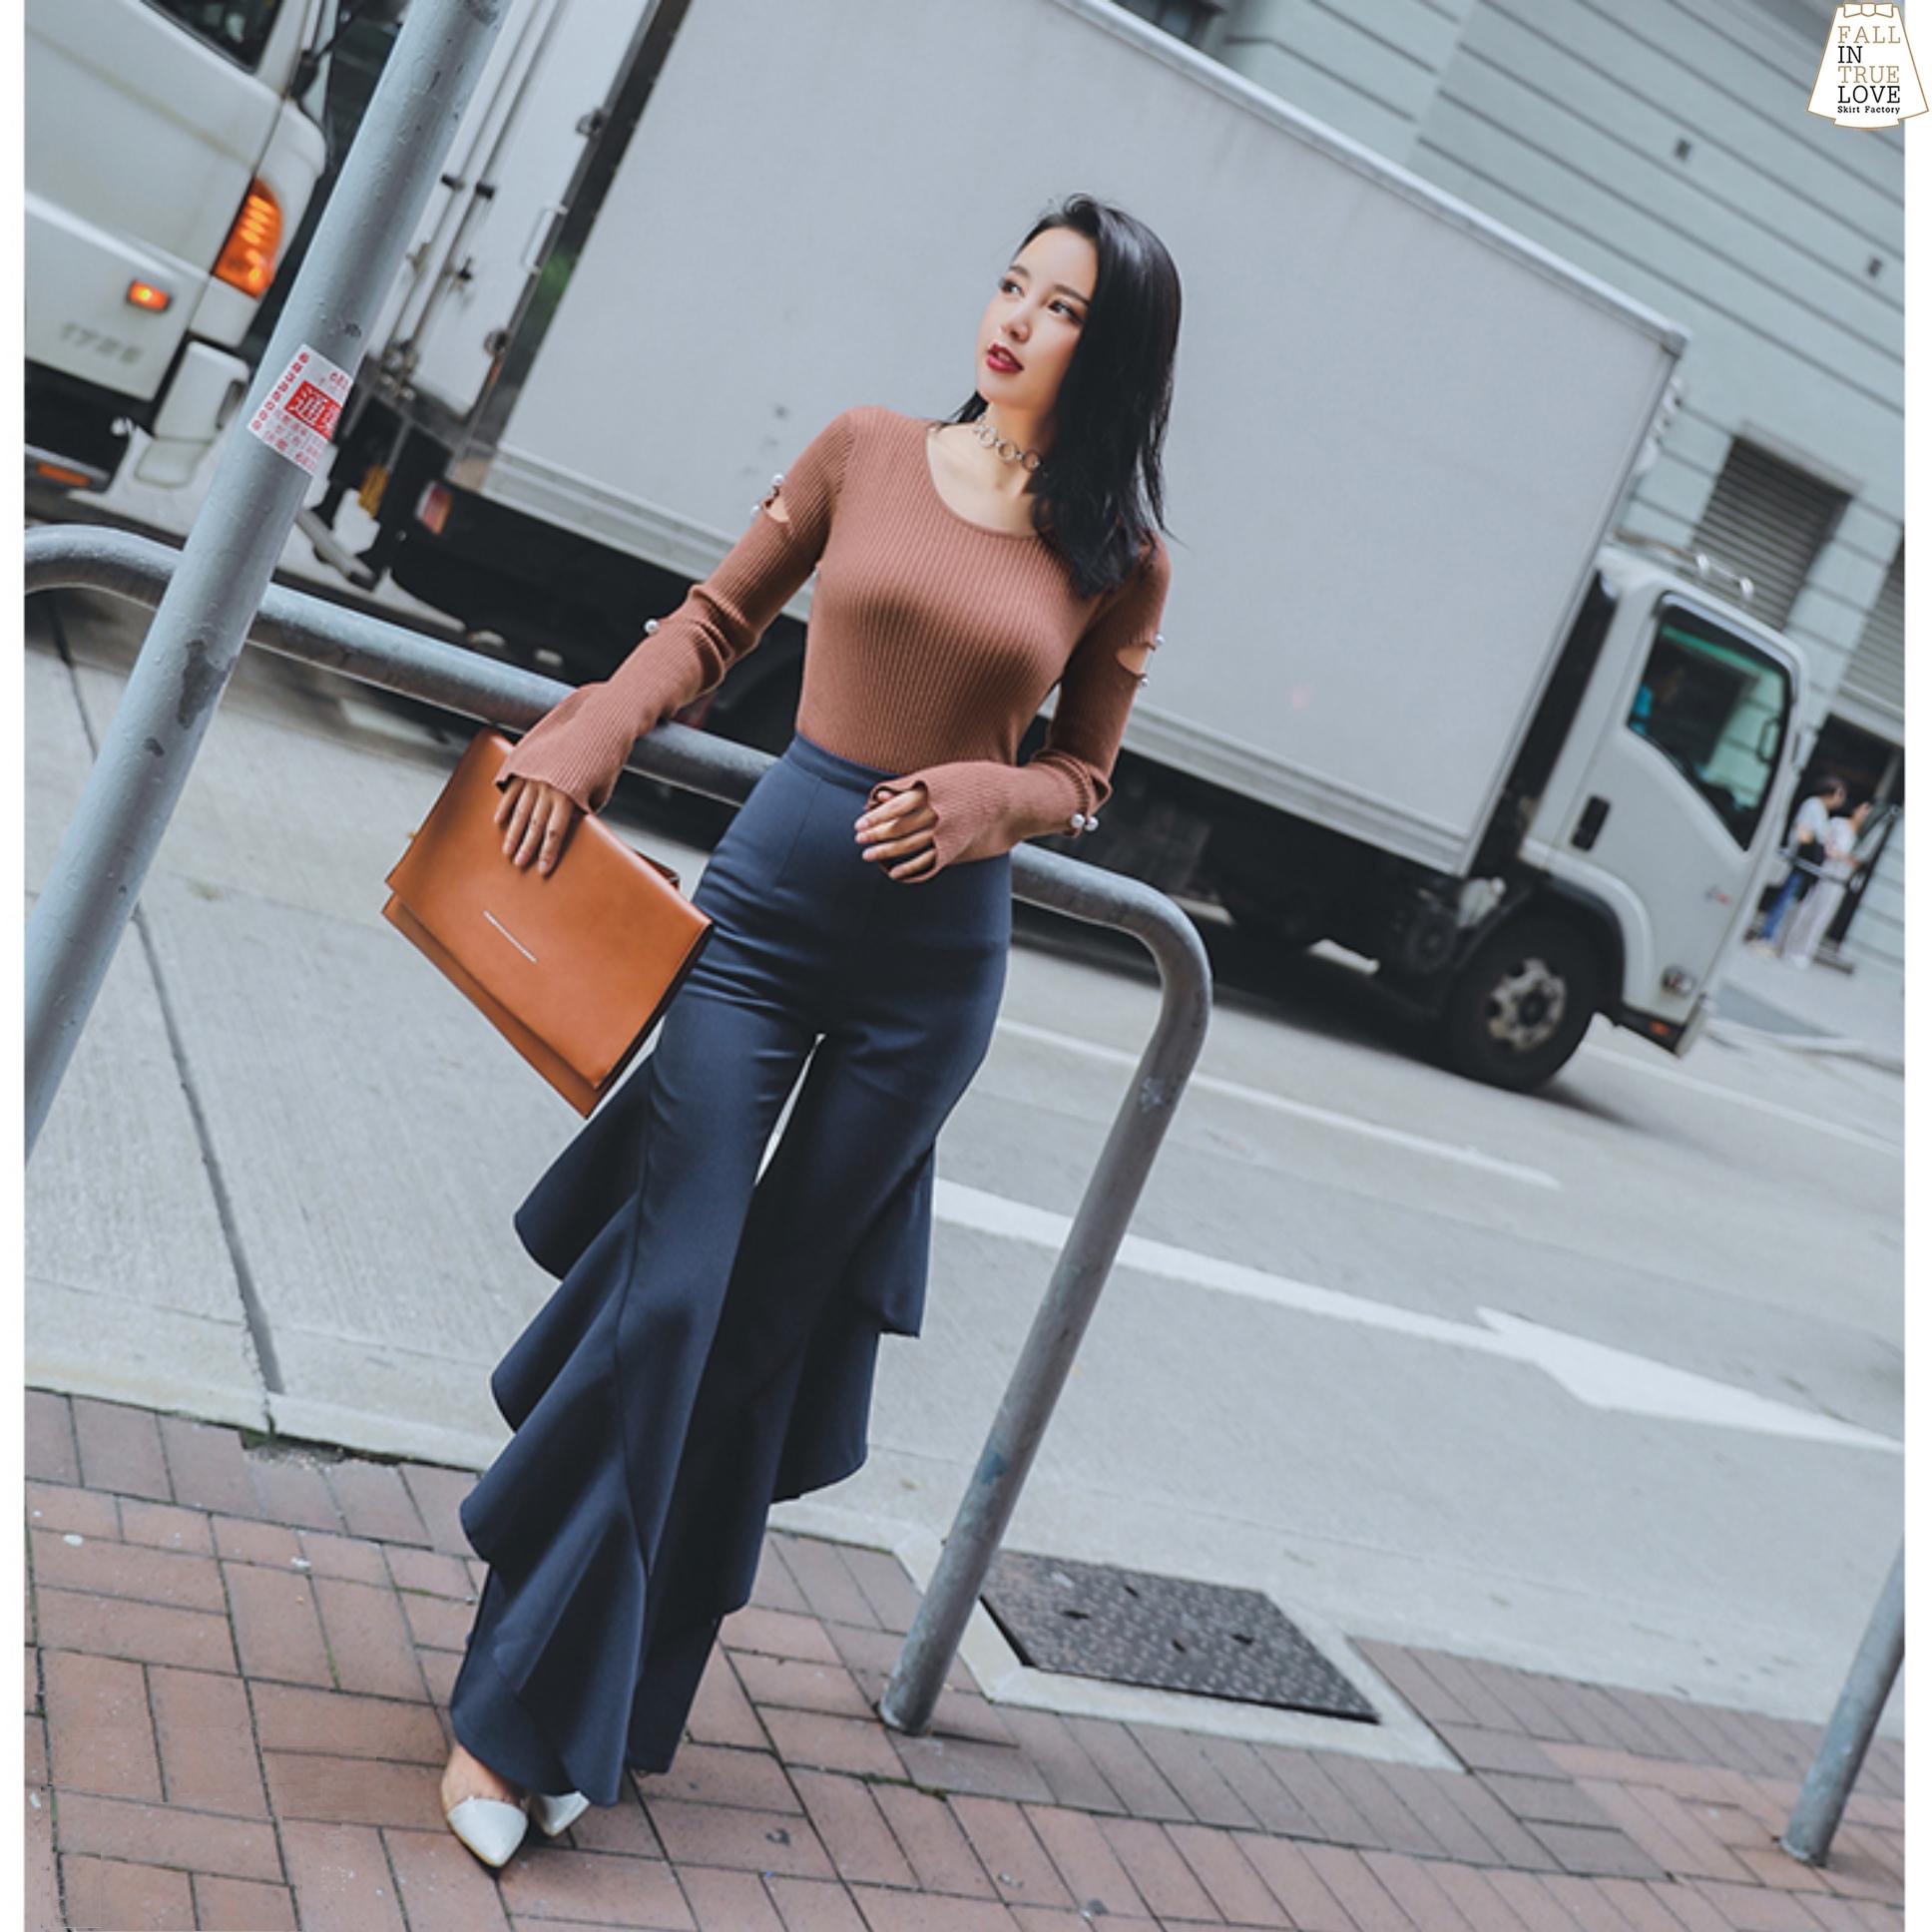 เสื้อผ้าเกาหลีพร้อมส่ง กางเกงขาบานแบบเอวสูงมาก แต่งระบายด้านข้างสีกรม